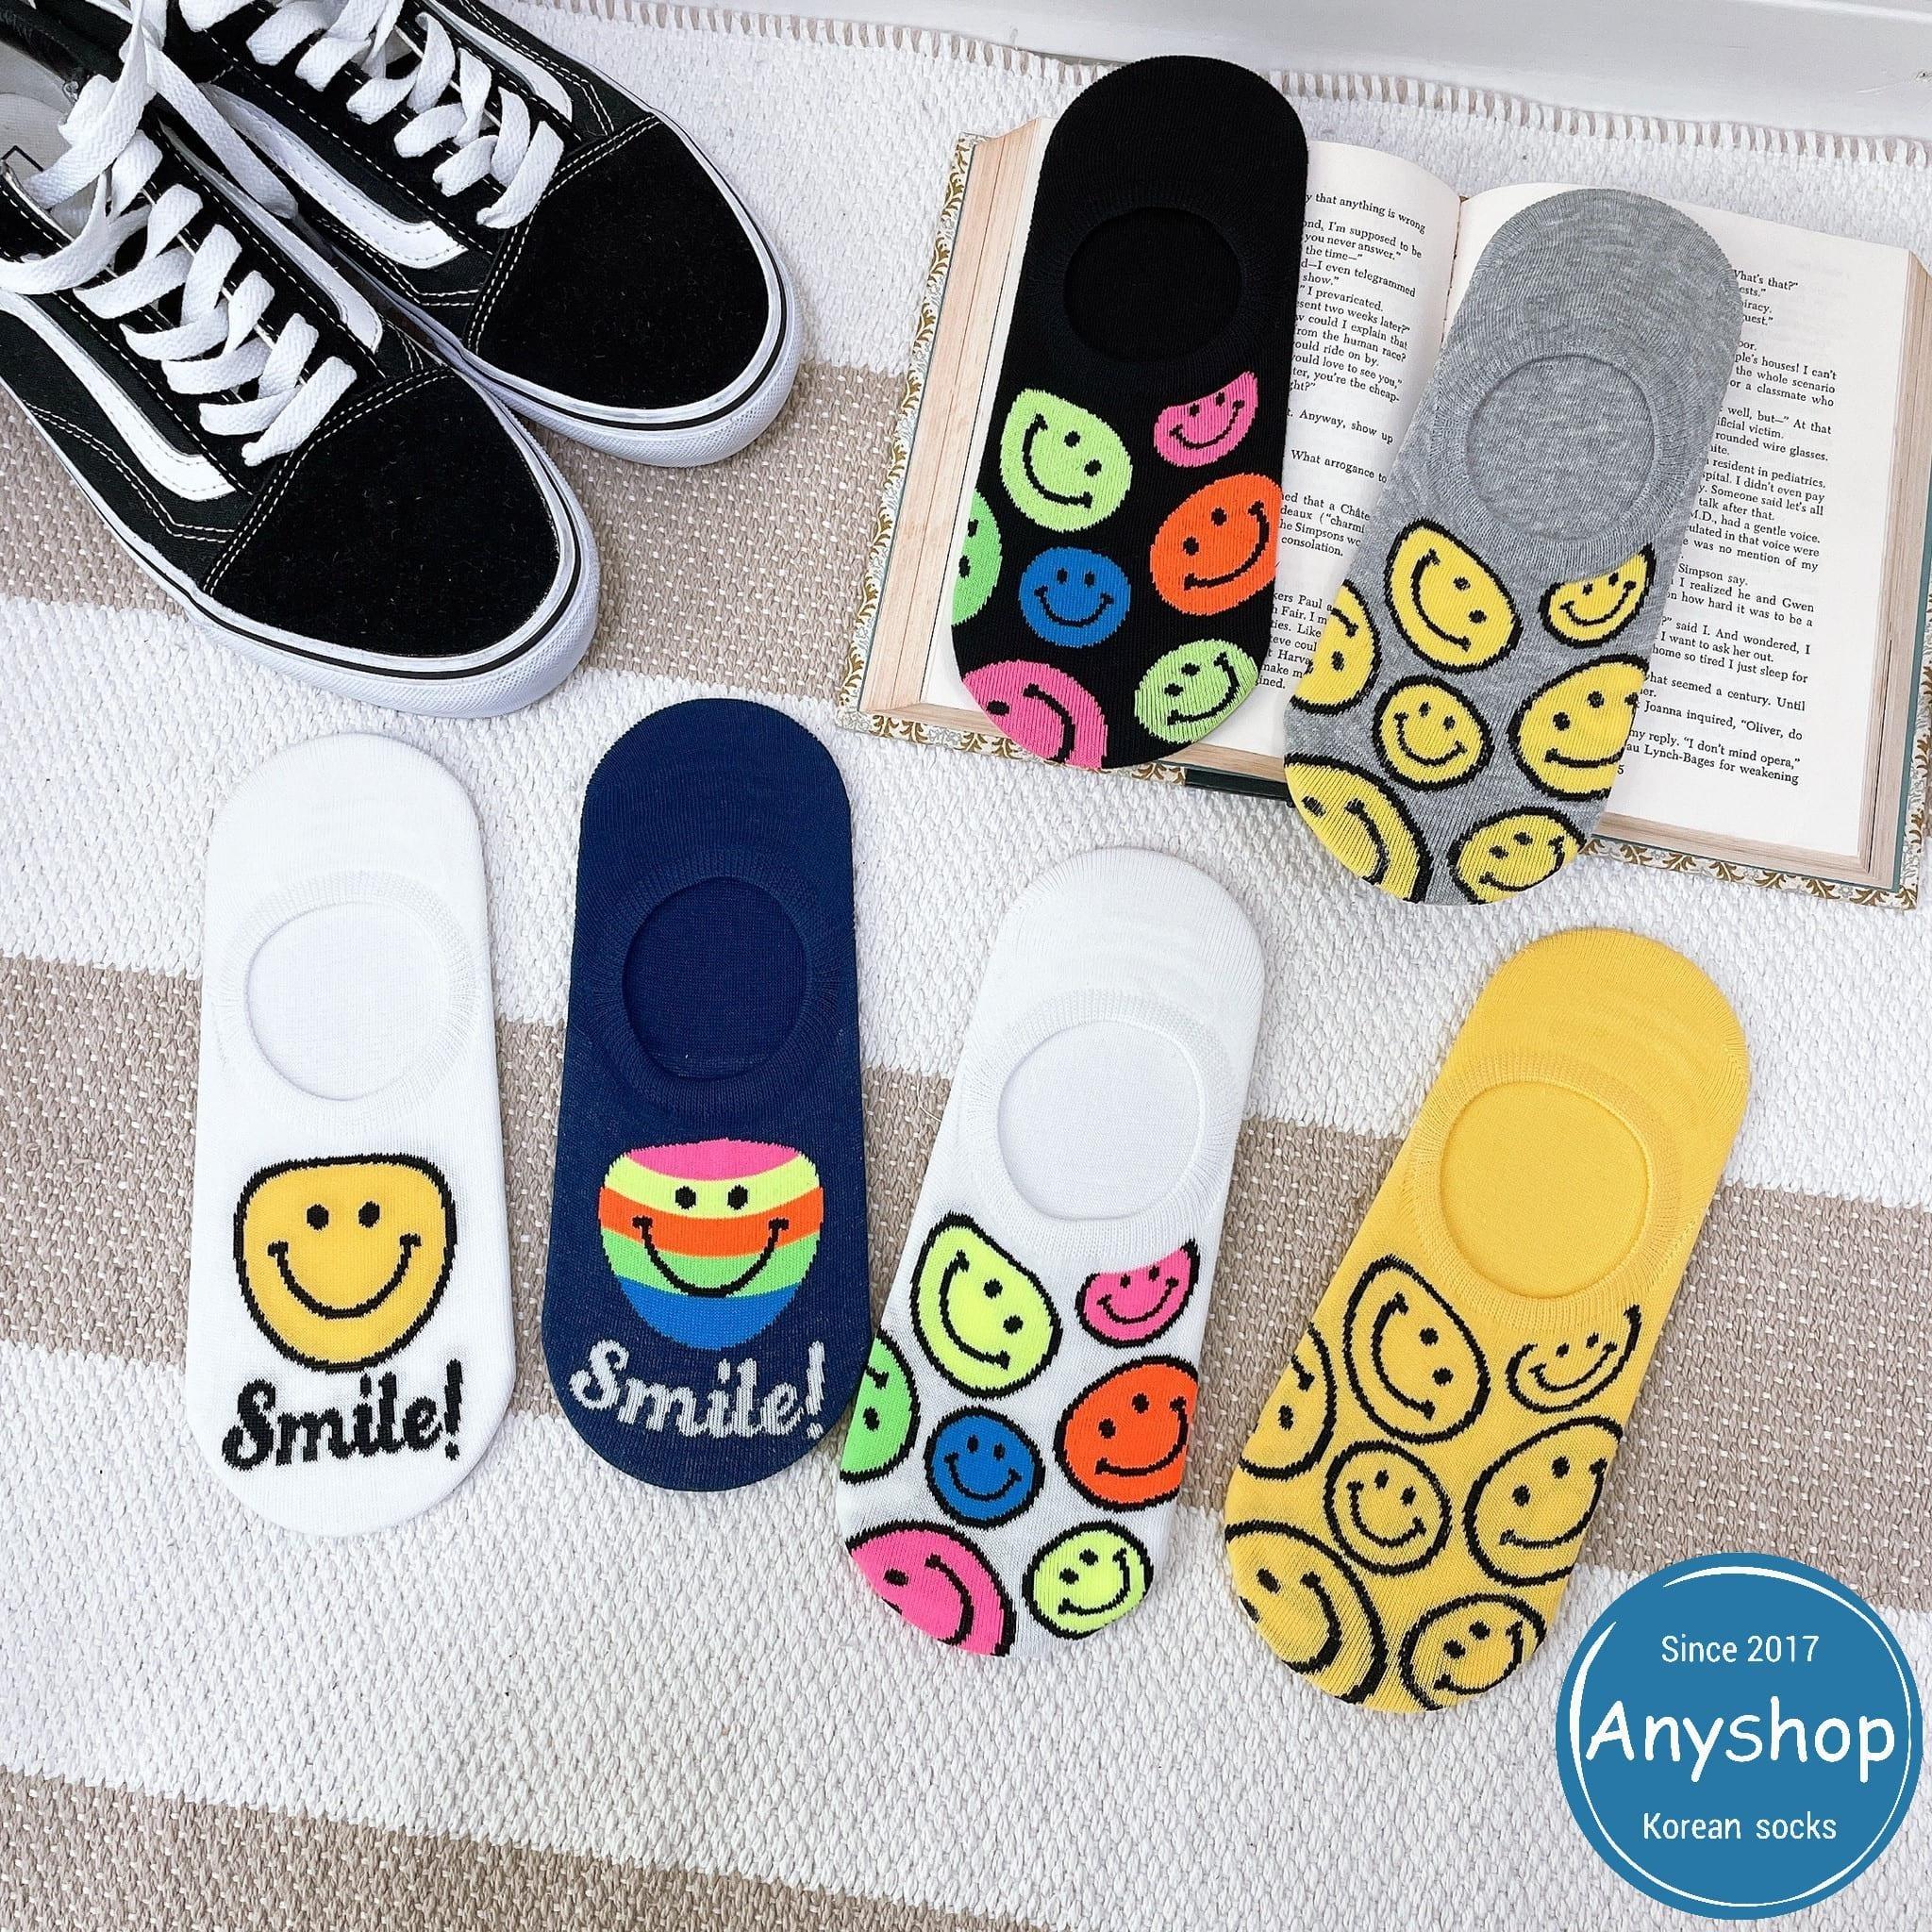 韓國襪-[Anyshop]彩色笑臉滿版船型襪